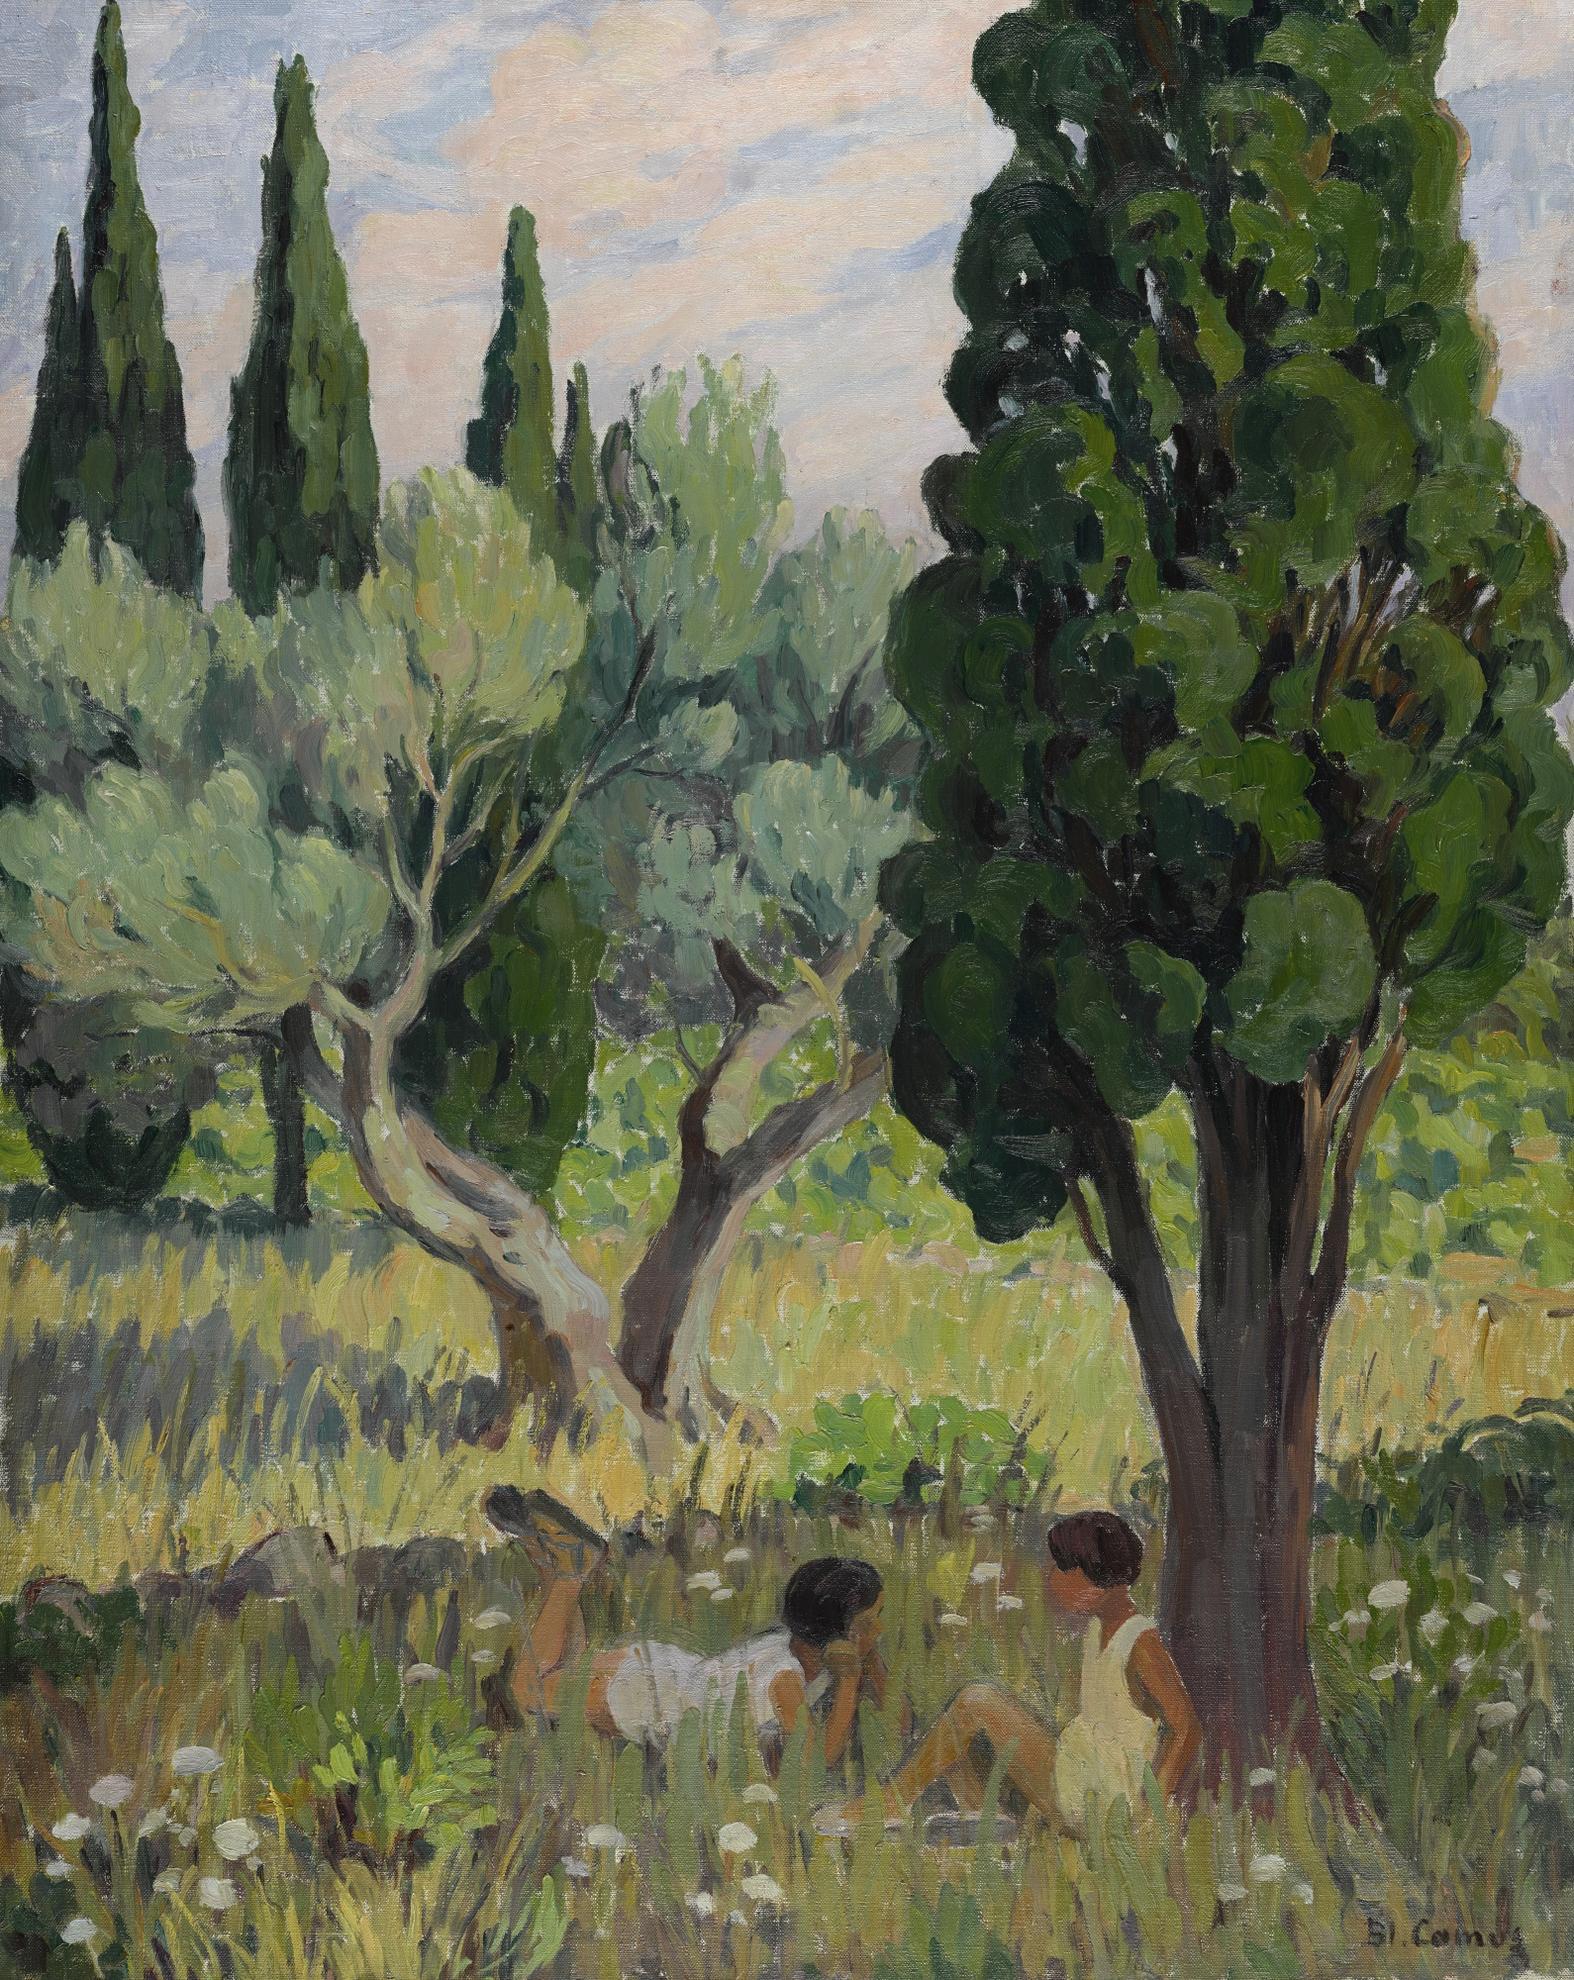 Blanche-Augustine Camus - Enfants Dans Un Champ, En Ete-1918